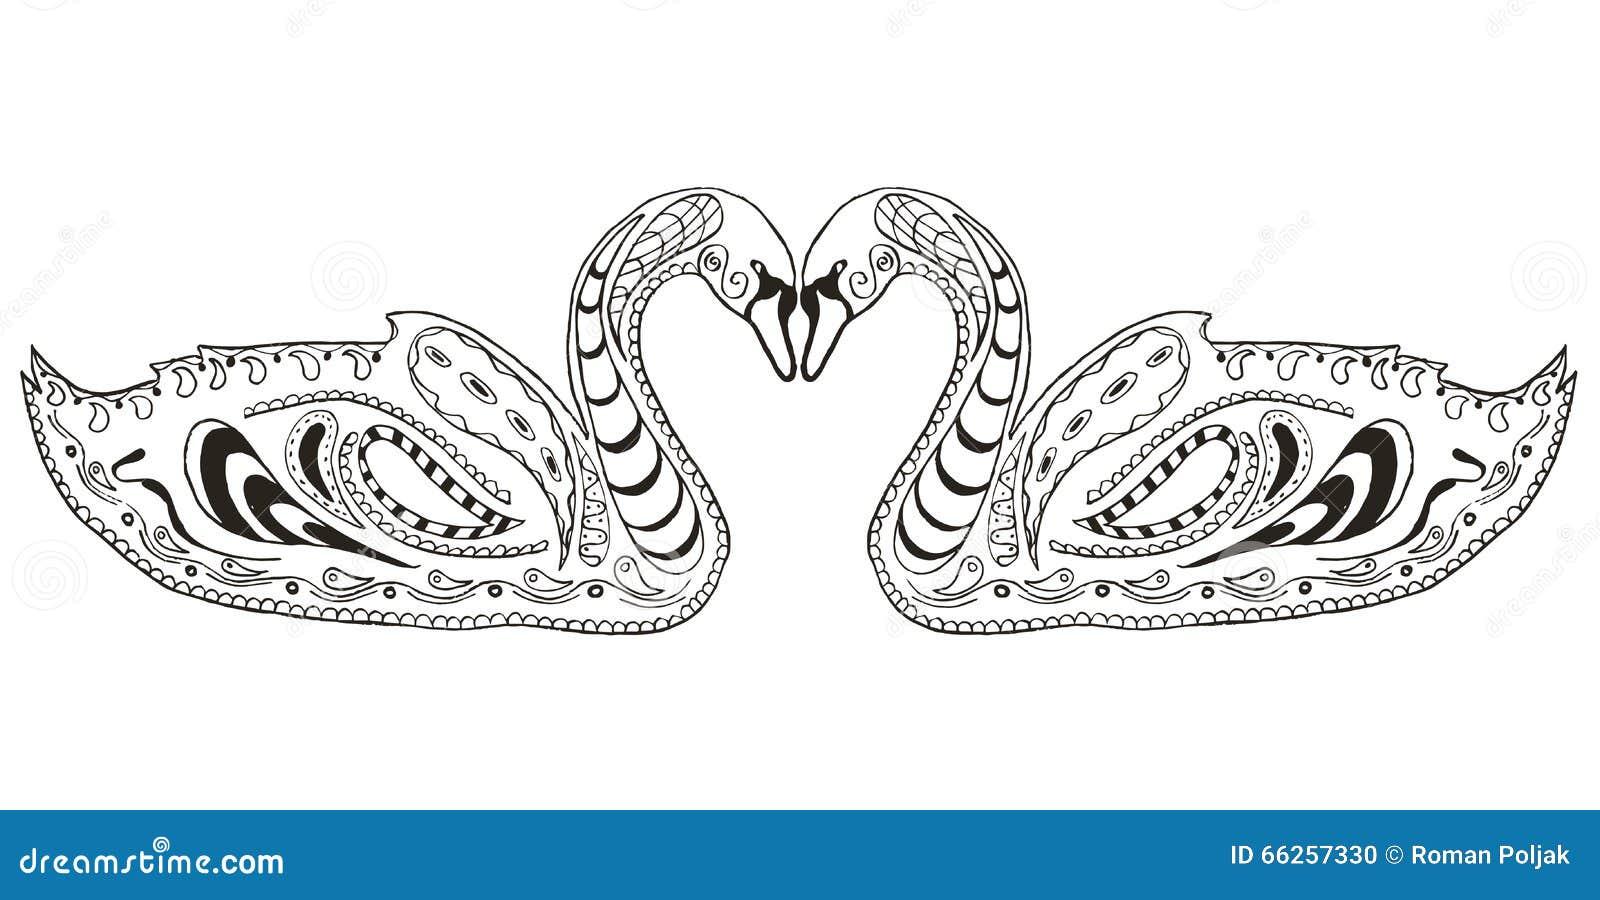 Twee Zwanen Zentangle Stileerden Illustratie Vector Uit